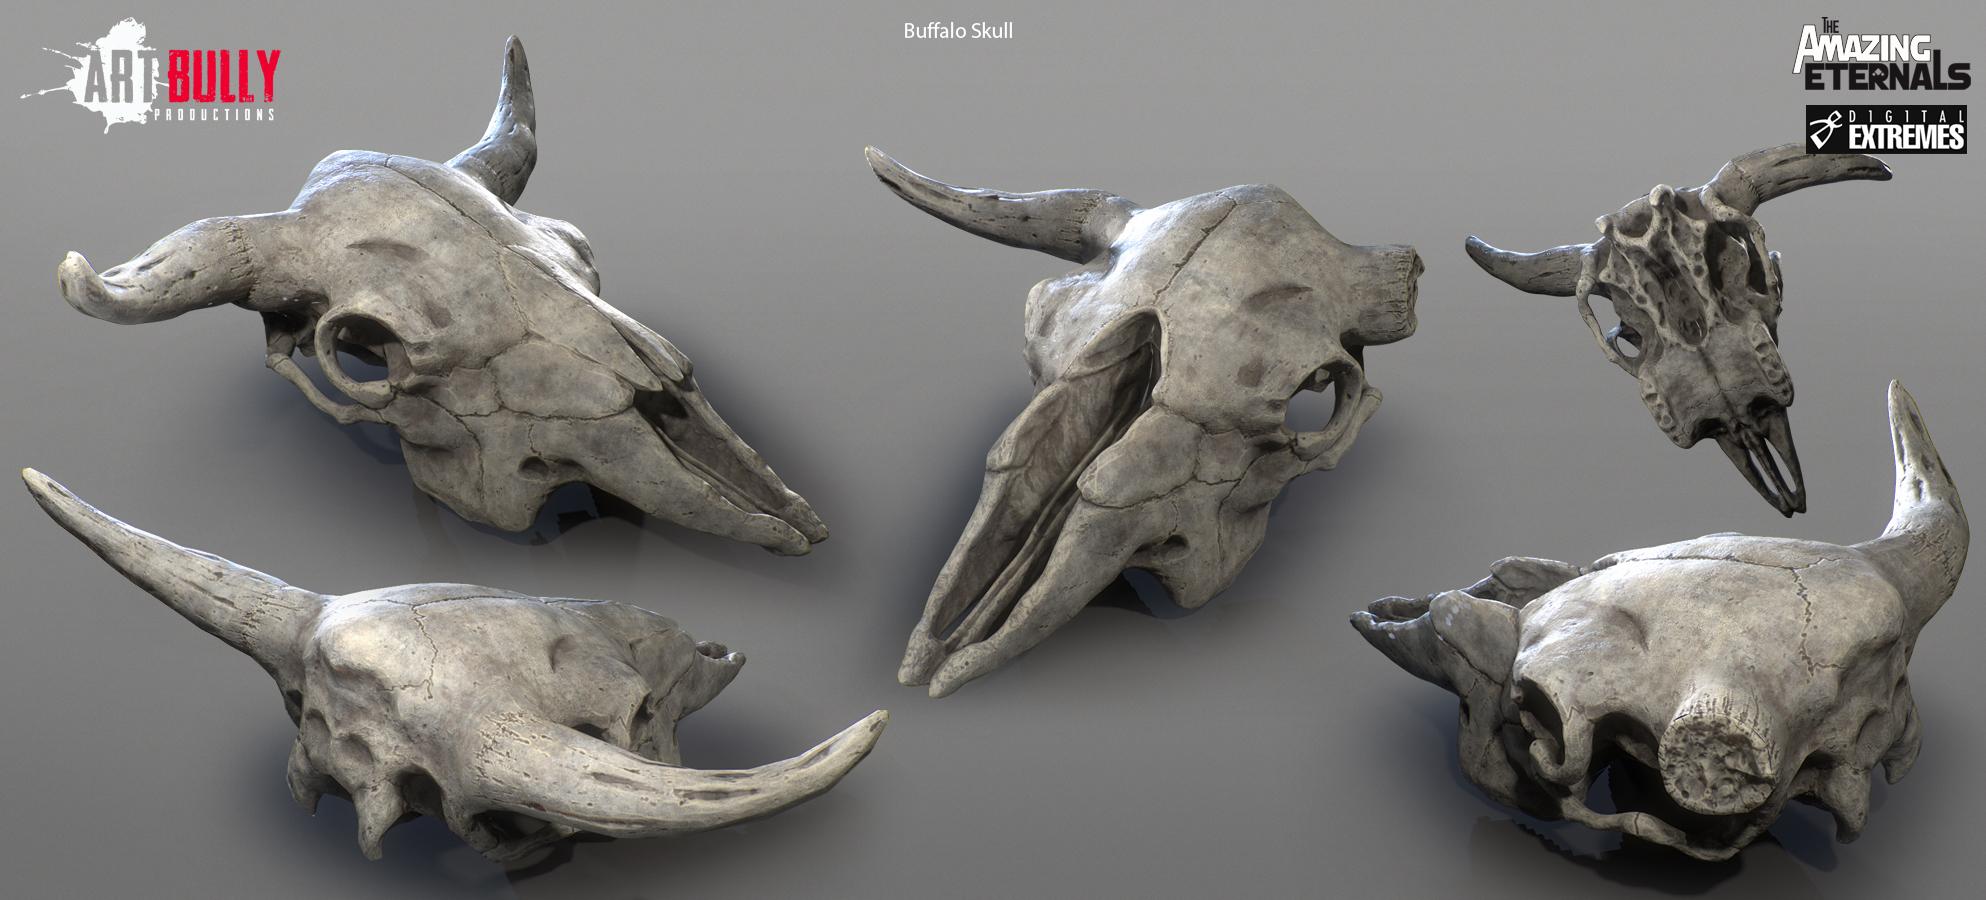 Buffalo_Skull_Render.jpg